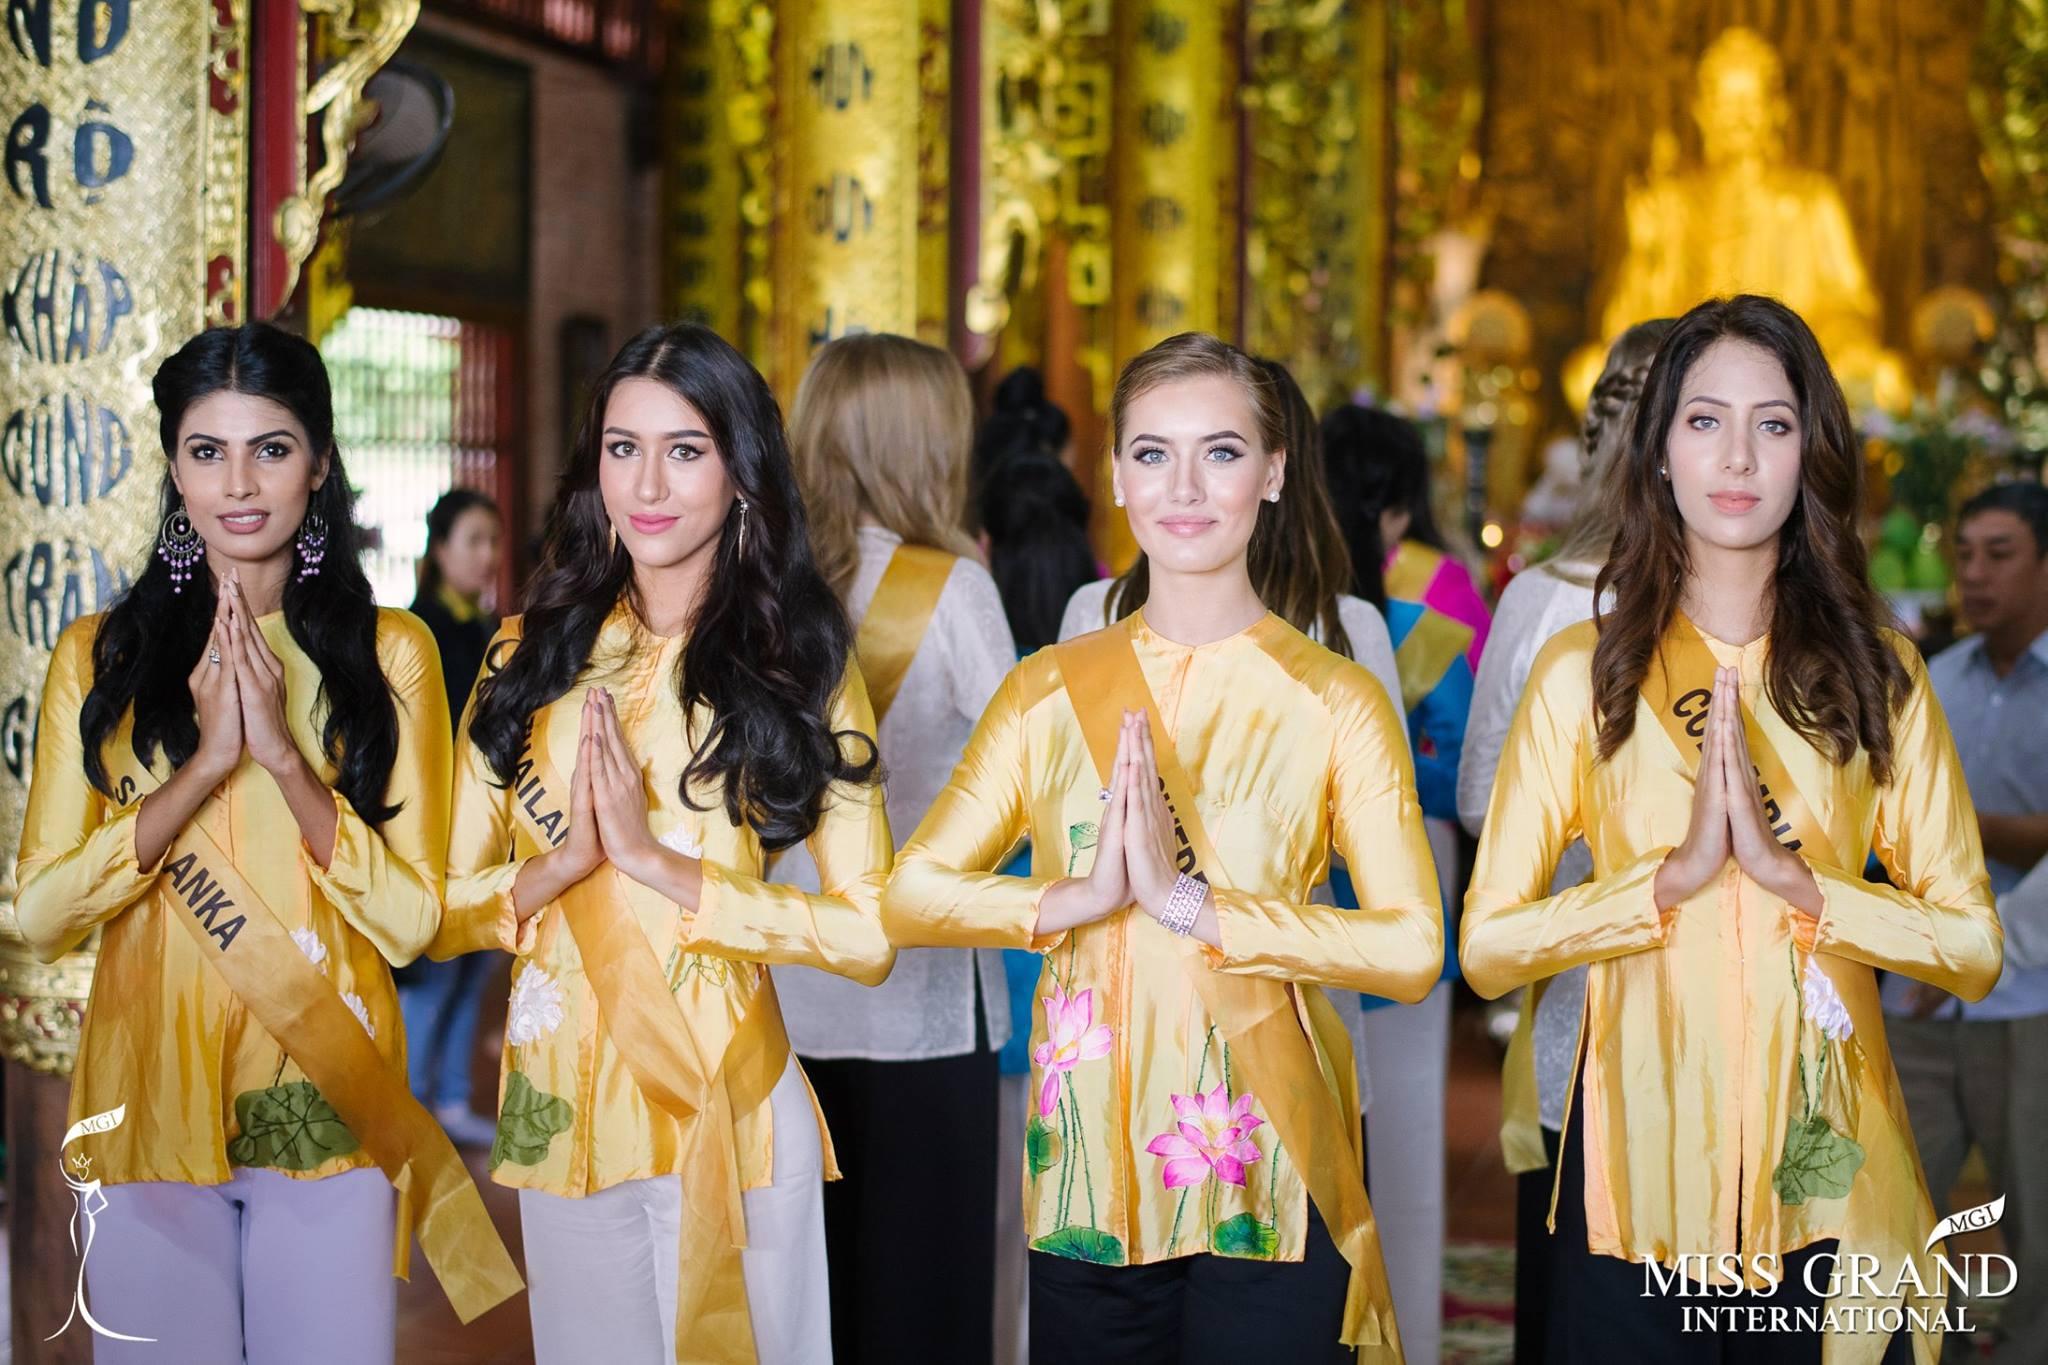 Thí sinh Miss Grand International 2017 duyên dáng trong tà áo bà ba vãn cảnh chùa - Ảnh 4.